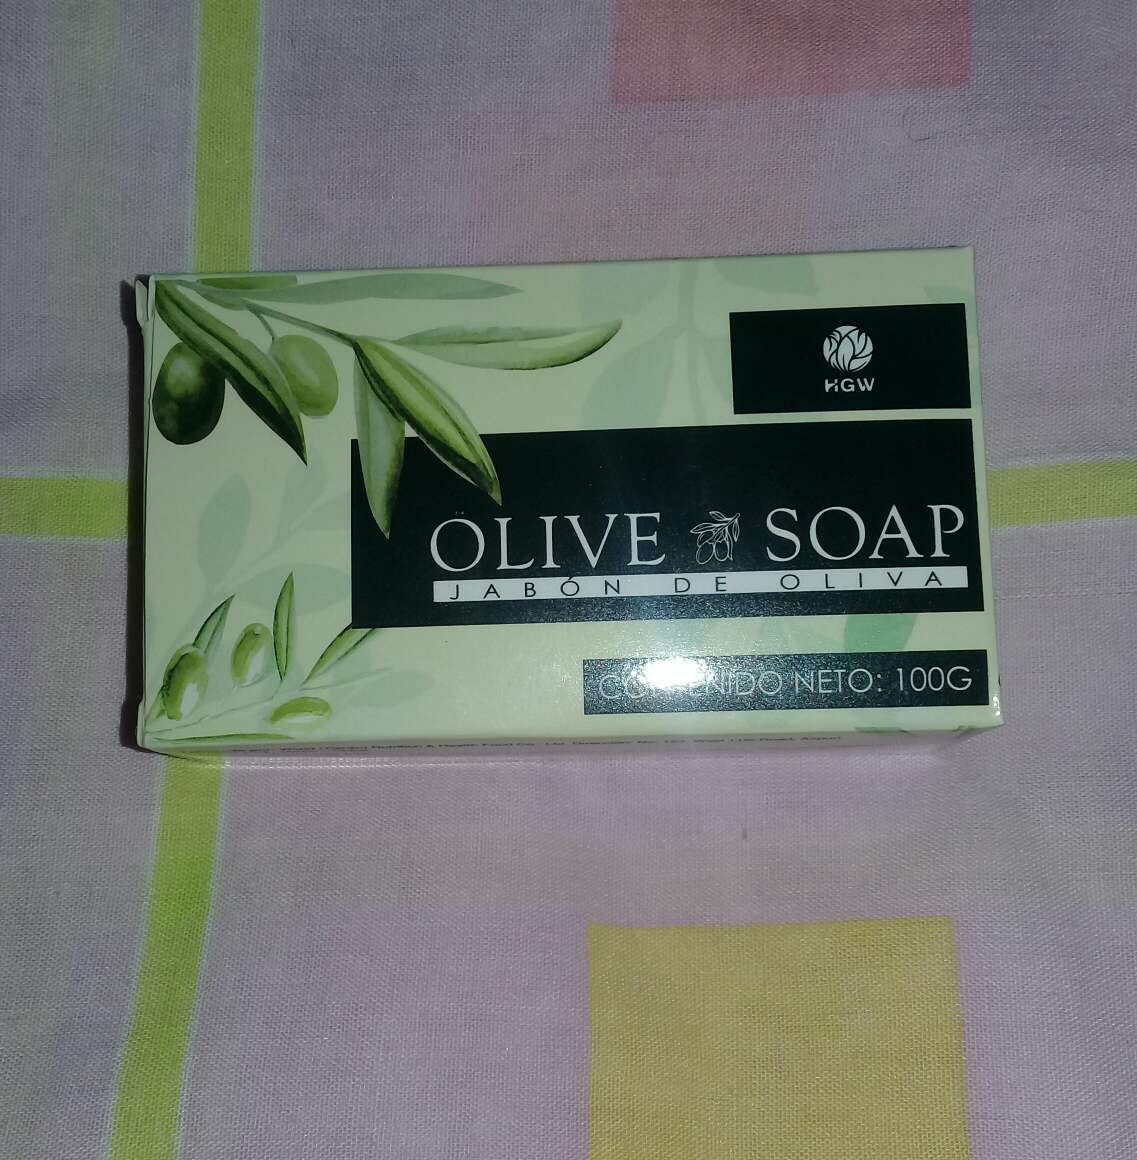 Imagen producto Jabón OLIVE SOAP de HGW 4